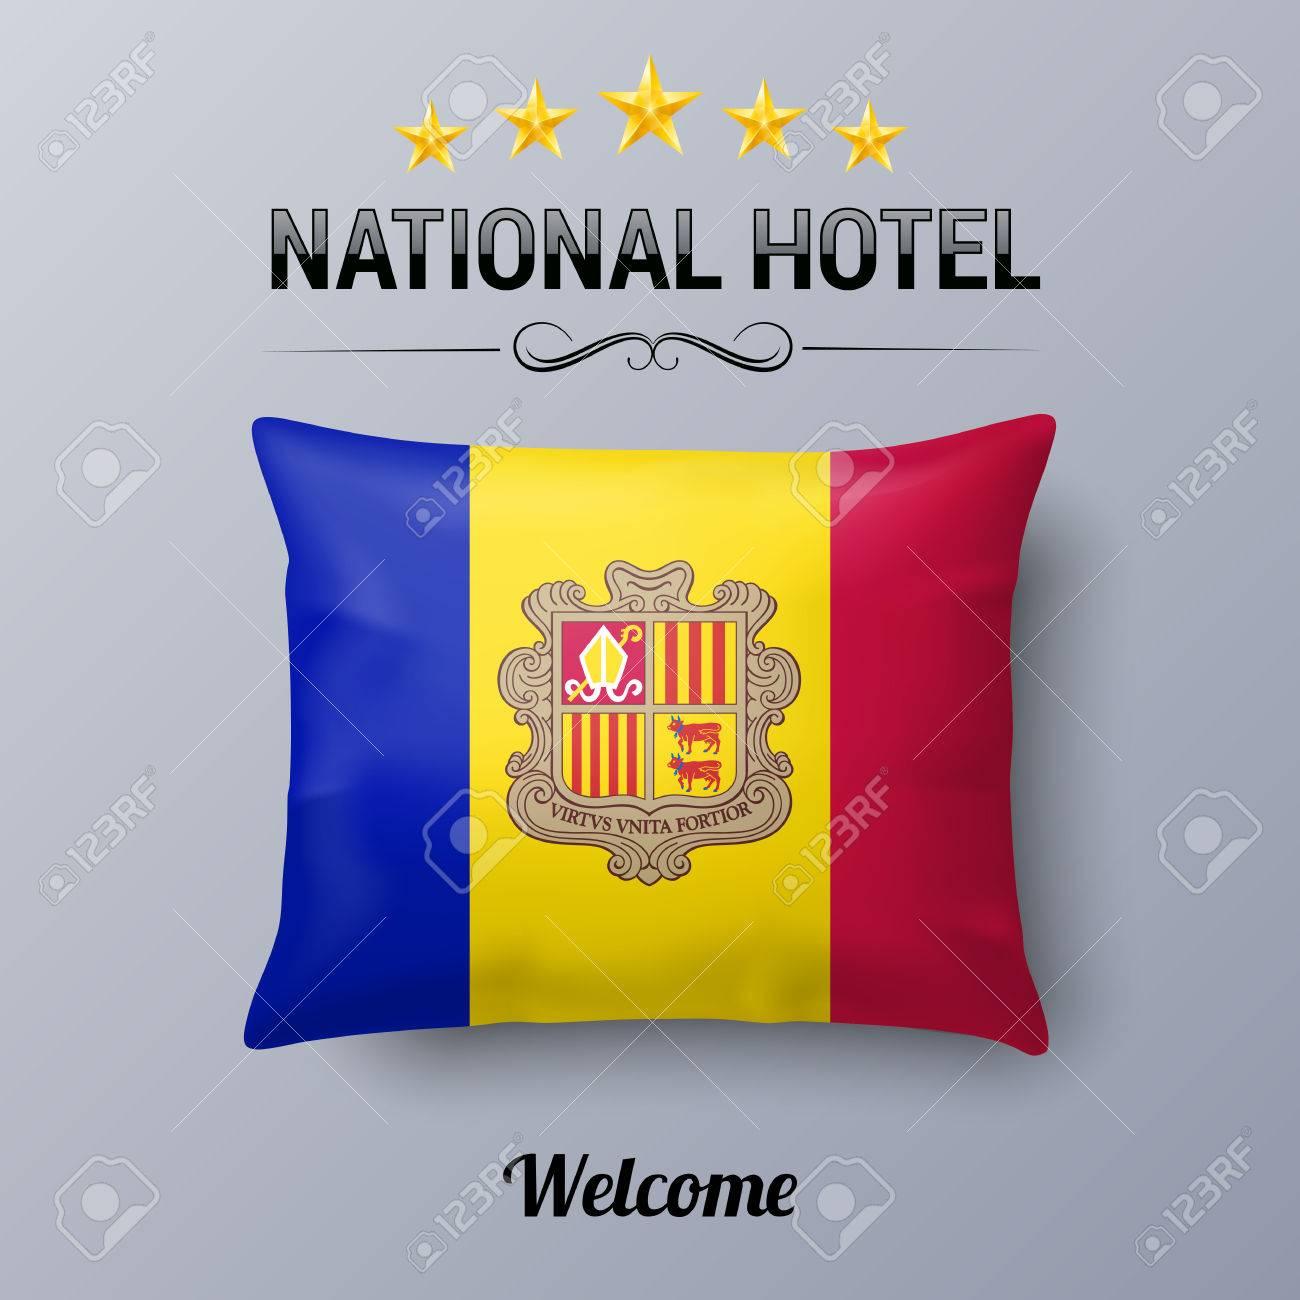 banque d images oreiller realiste et drapeau d andorre comme symbole national hotel couverture d oreiller de drapeau avec drapeau andorran